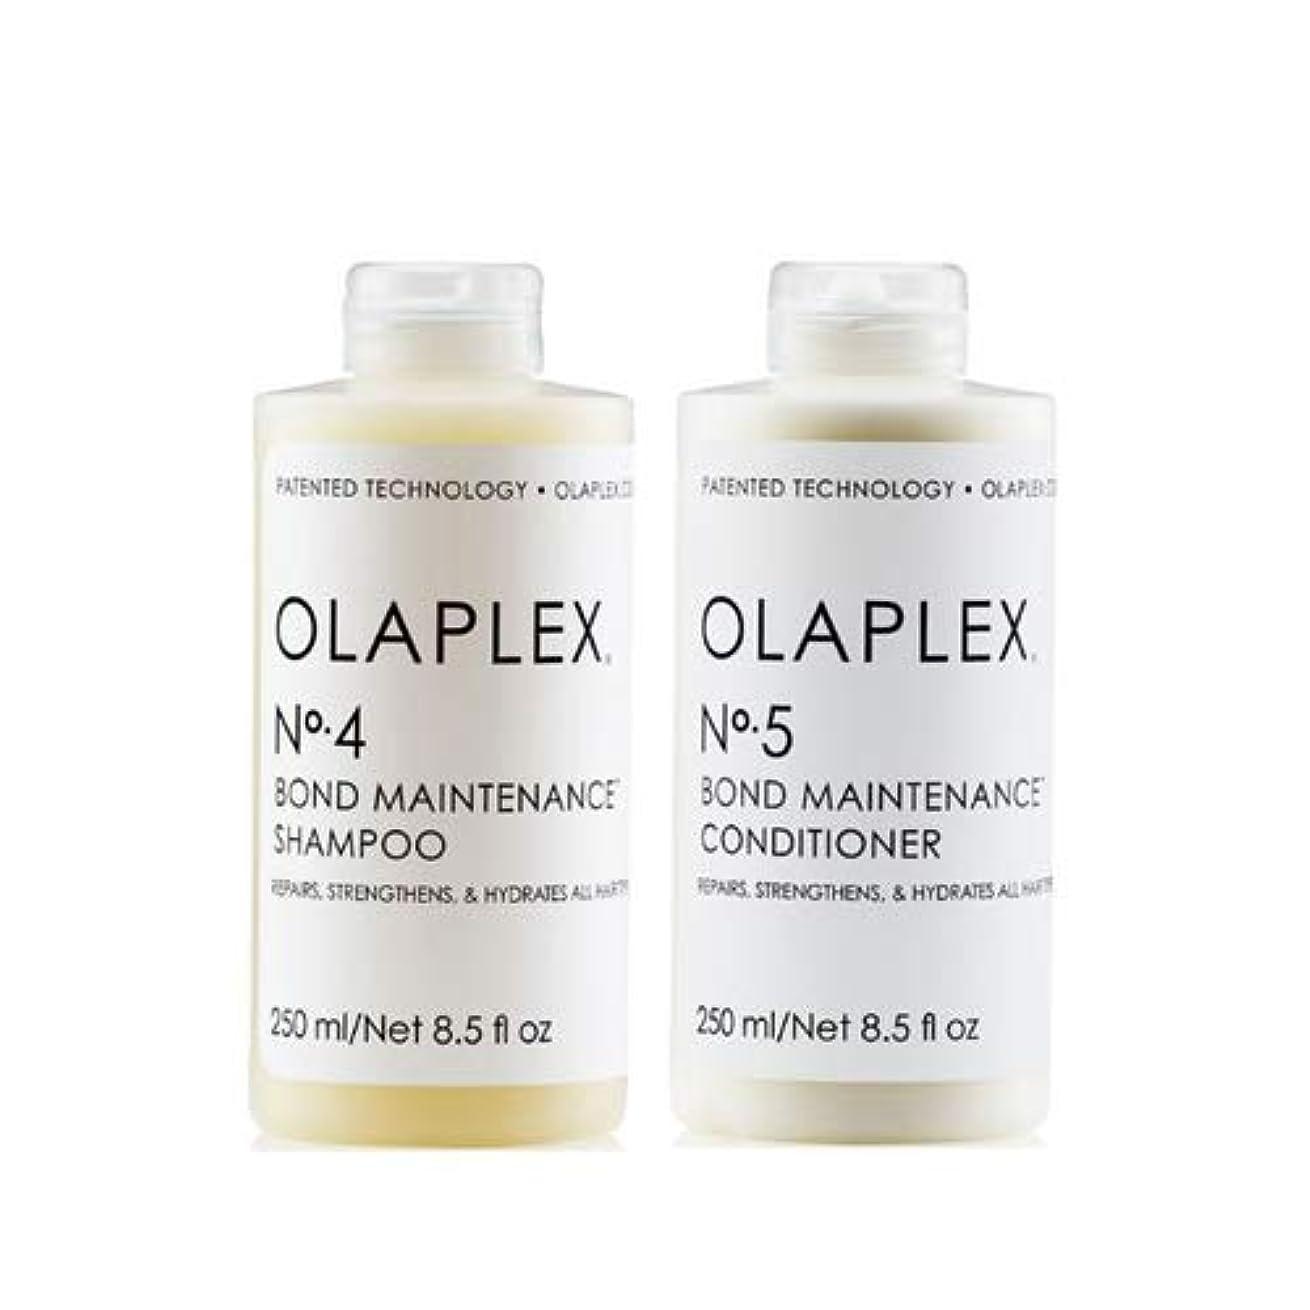 オリエンテーション注意にんじんOlaplex オラプレックス No. 4 5 ボンド メンテナンス シャンプー&コンディショナー Olaplex Bond Maintenance Shampoo & Conditioner 【並行輸入品】